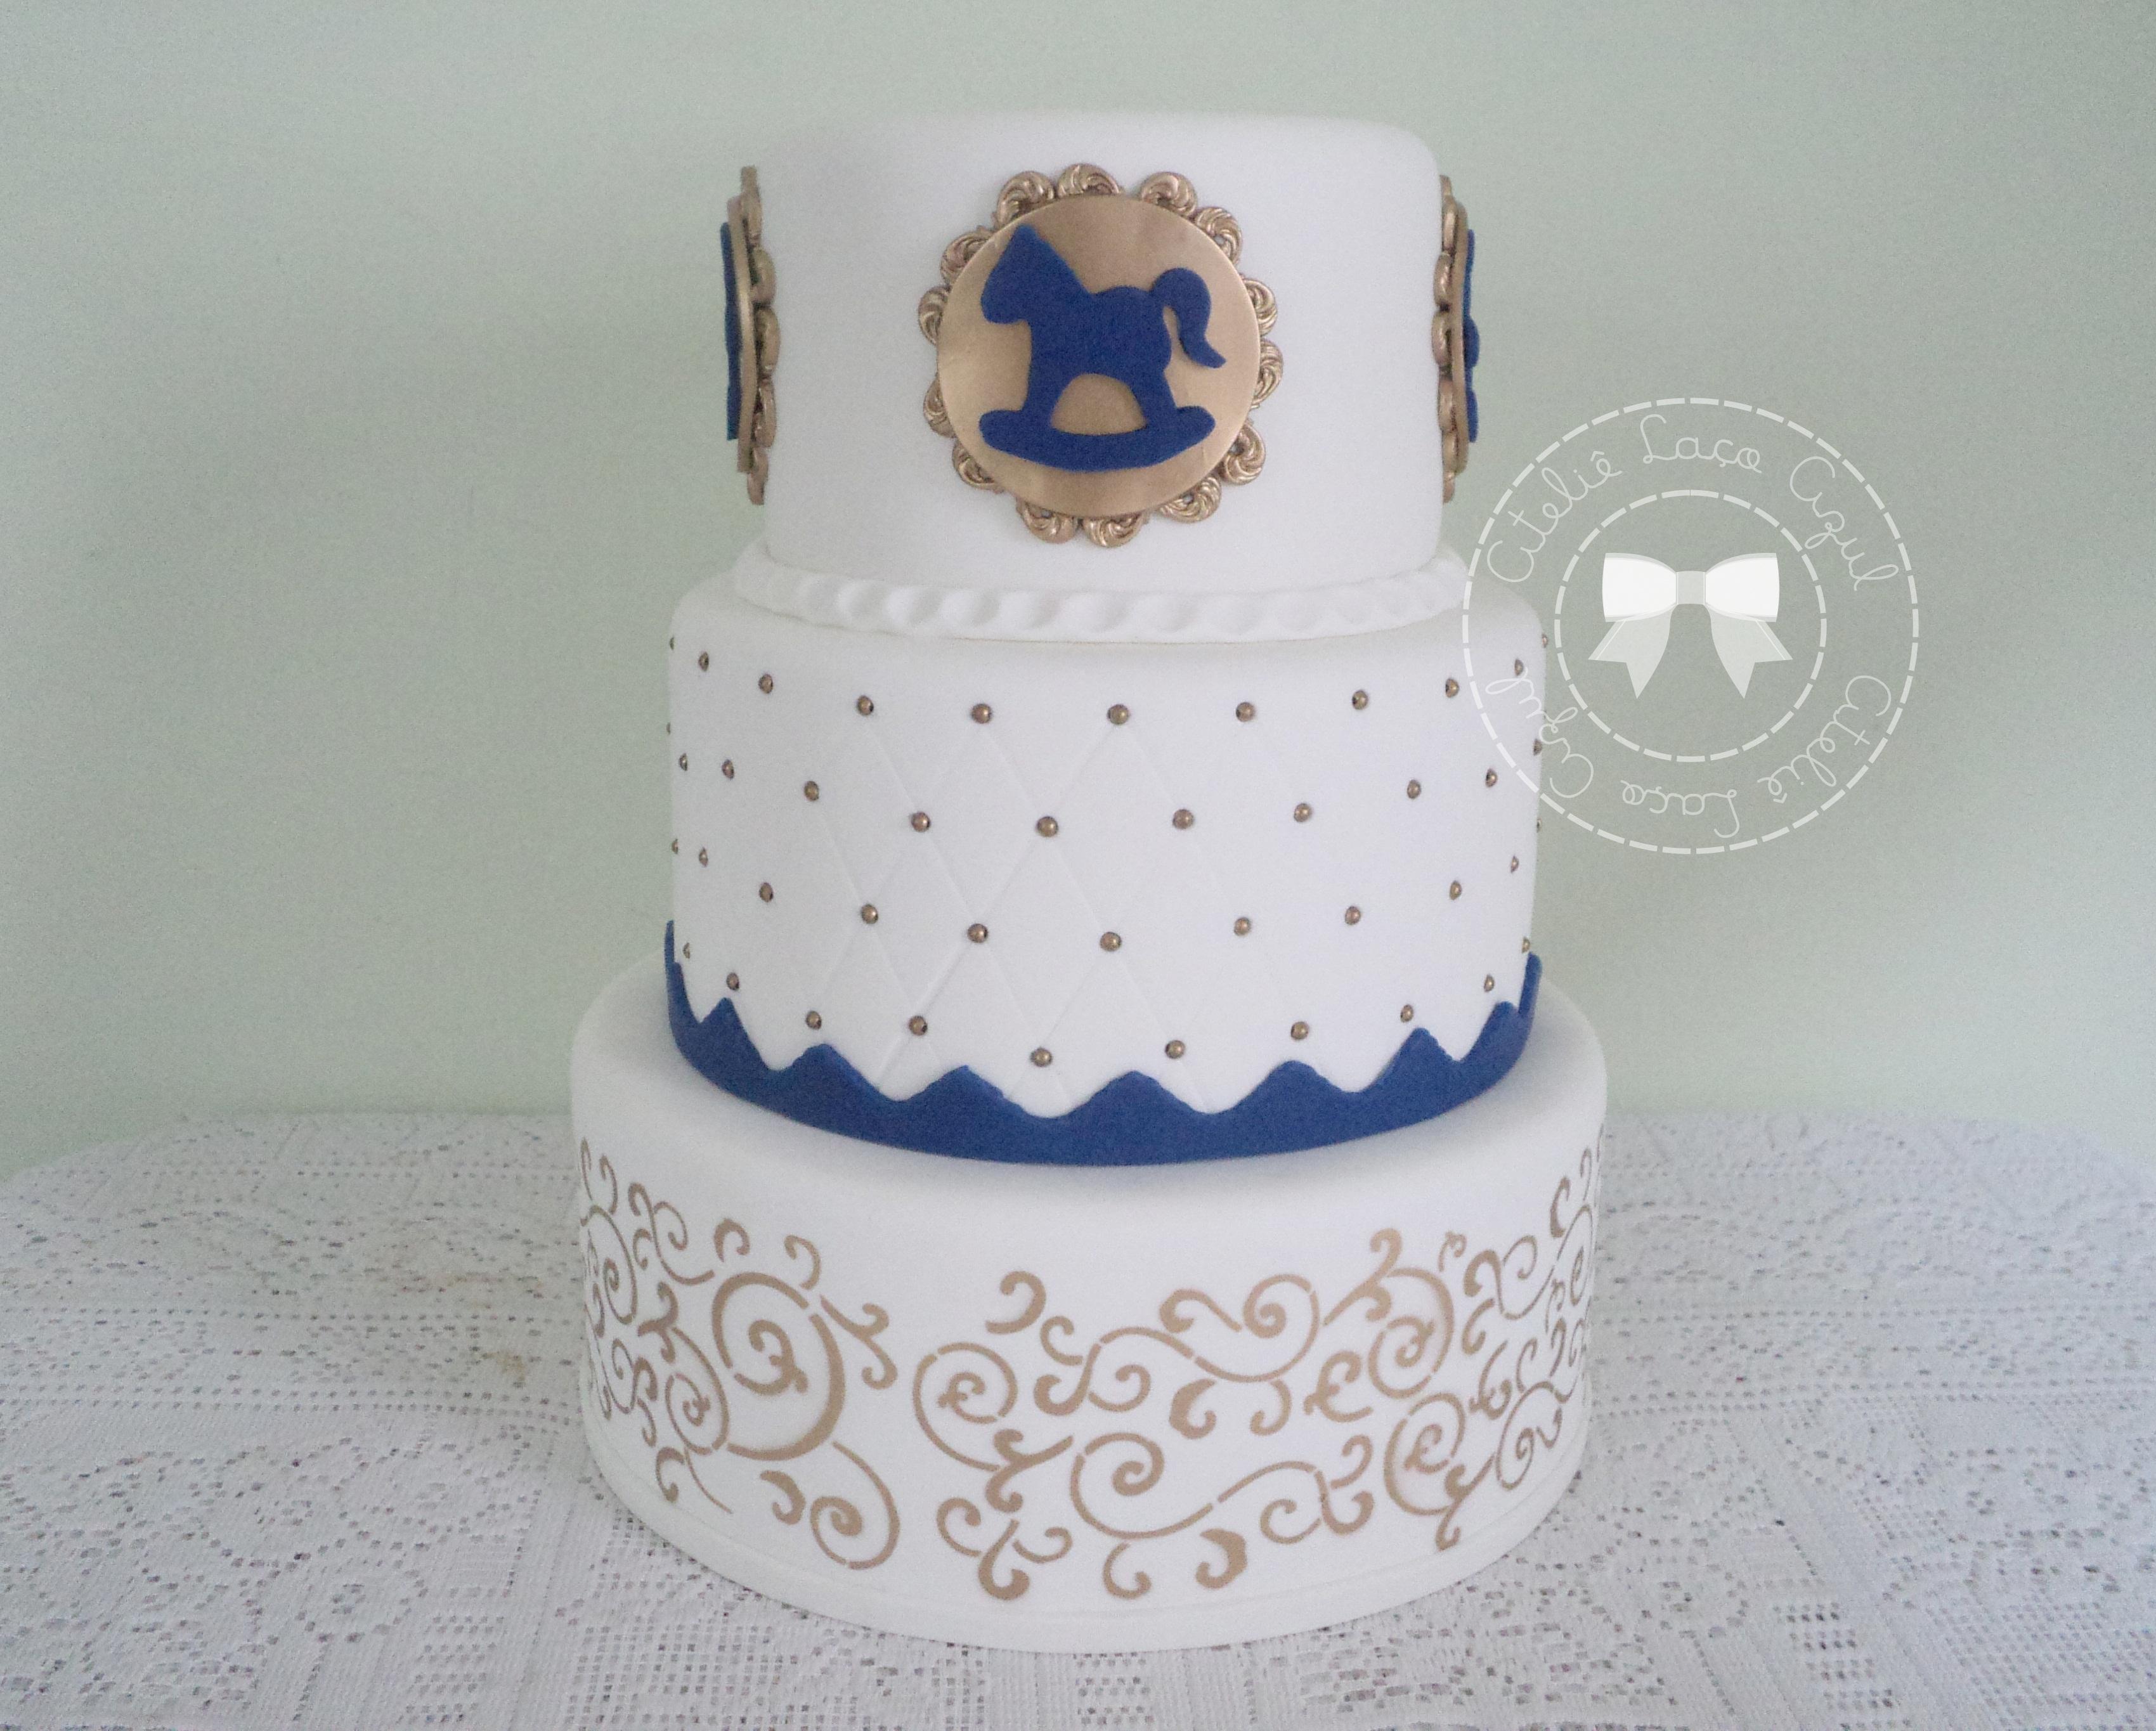 bolo-brinquedos-antigos-3-andares-bolo-branco-dourado-e-azul-marinho